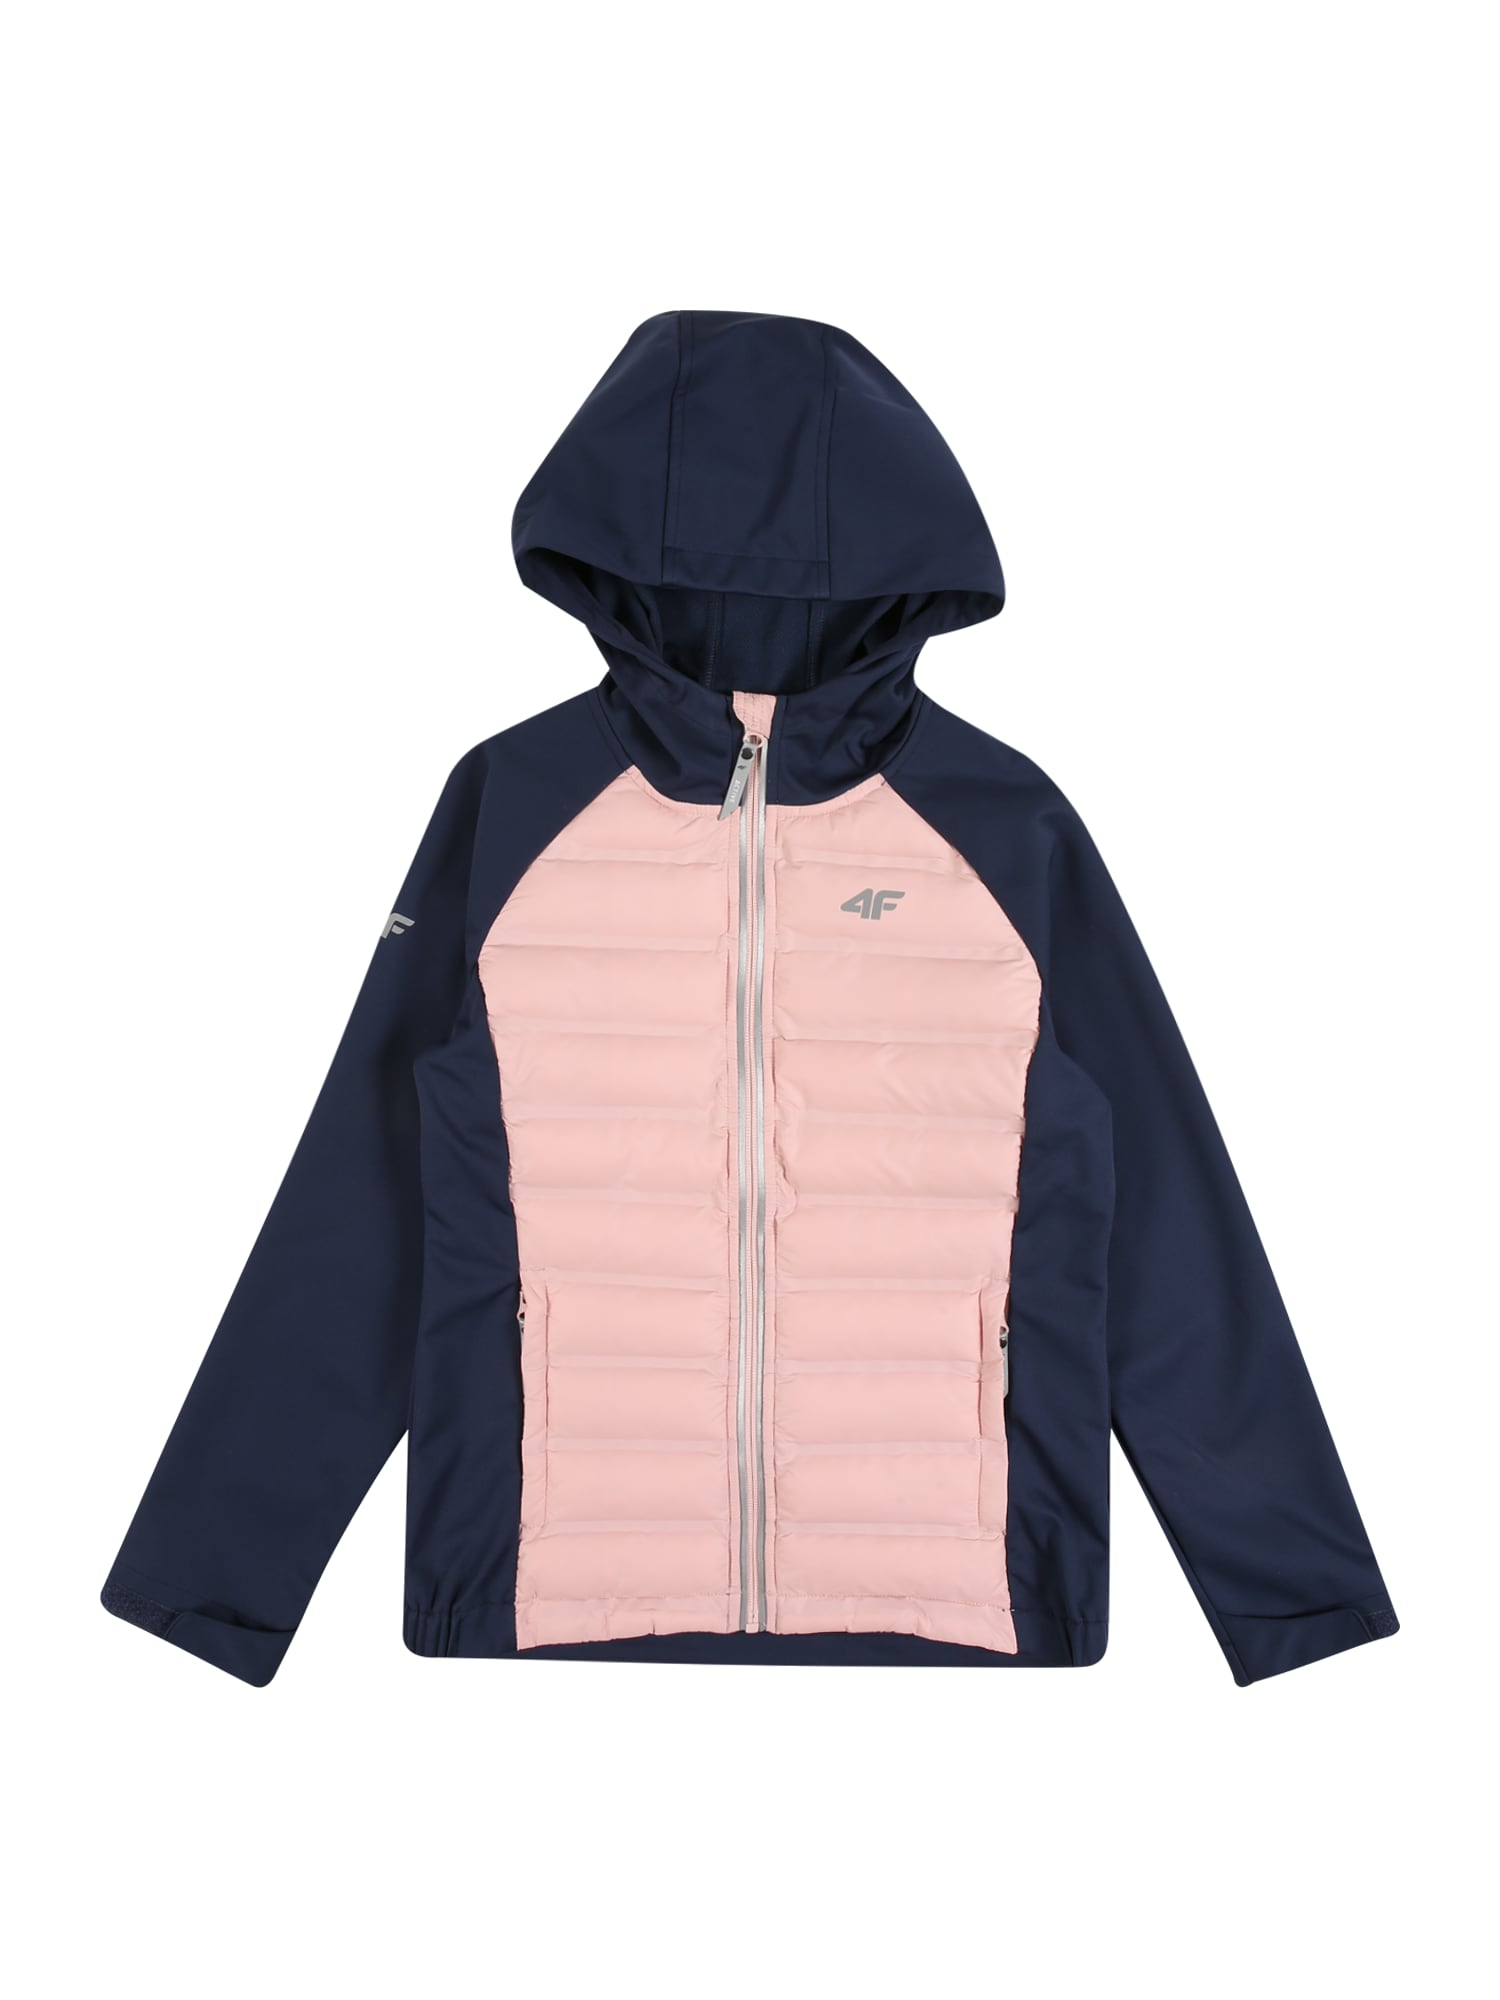 4F Laisvalaikio striukė ryškiai rožinė spalva / tamsiai mėlyna